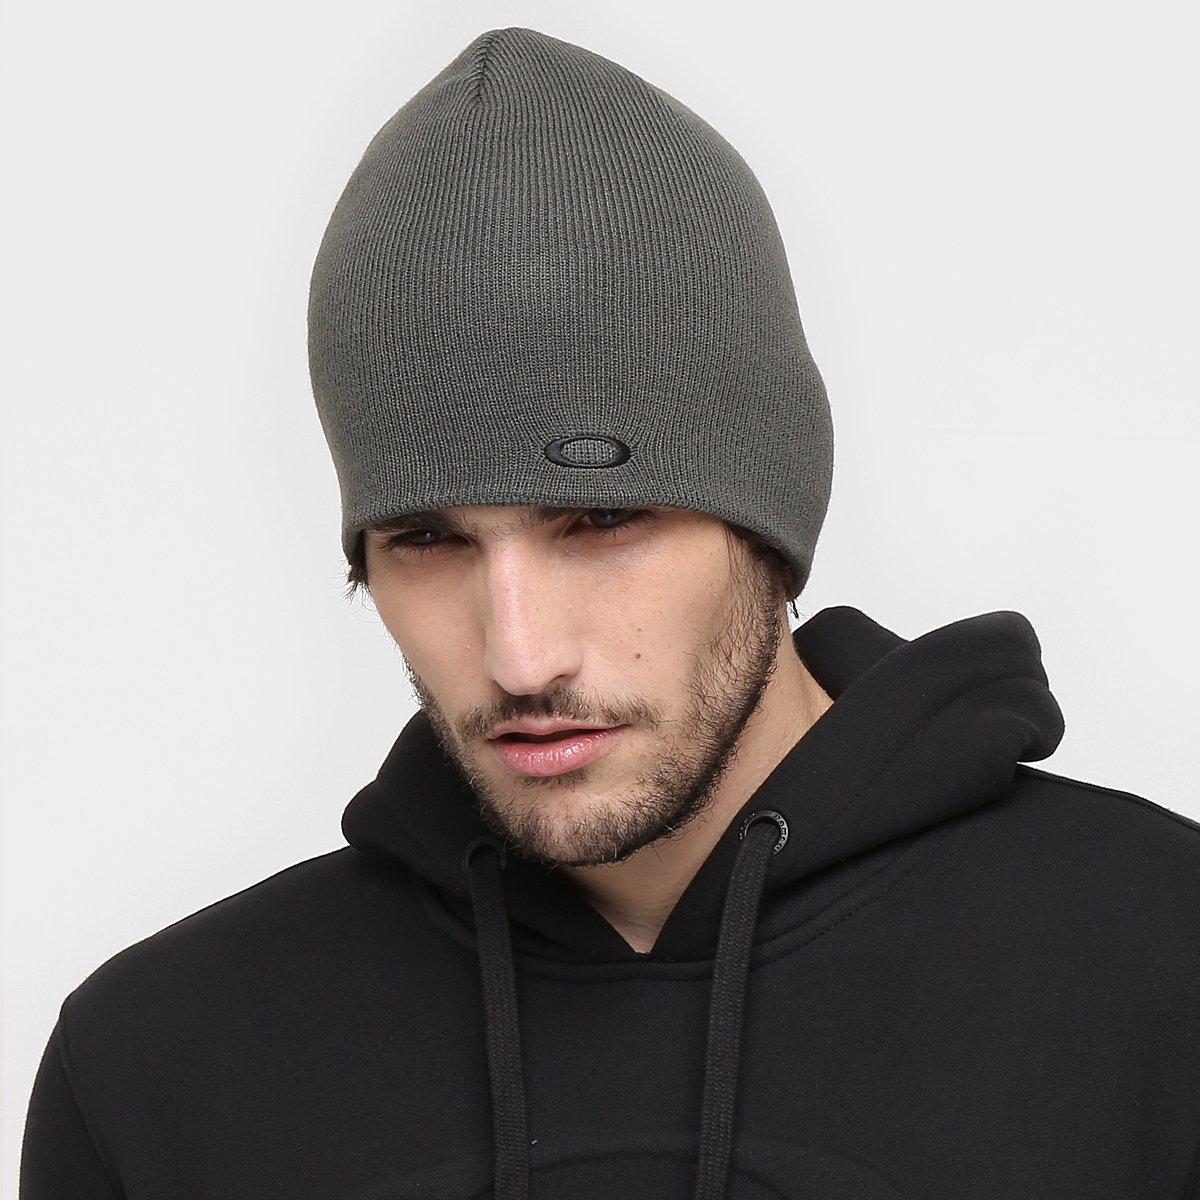 fa7e01cfcd540 Gorro Oakley Fine Knit Beanie Masculino - Cinza - Compre Agora ...